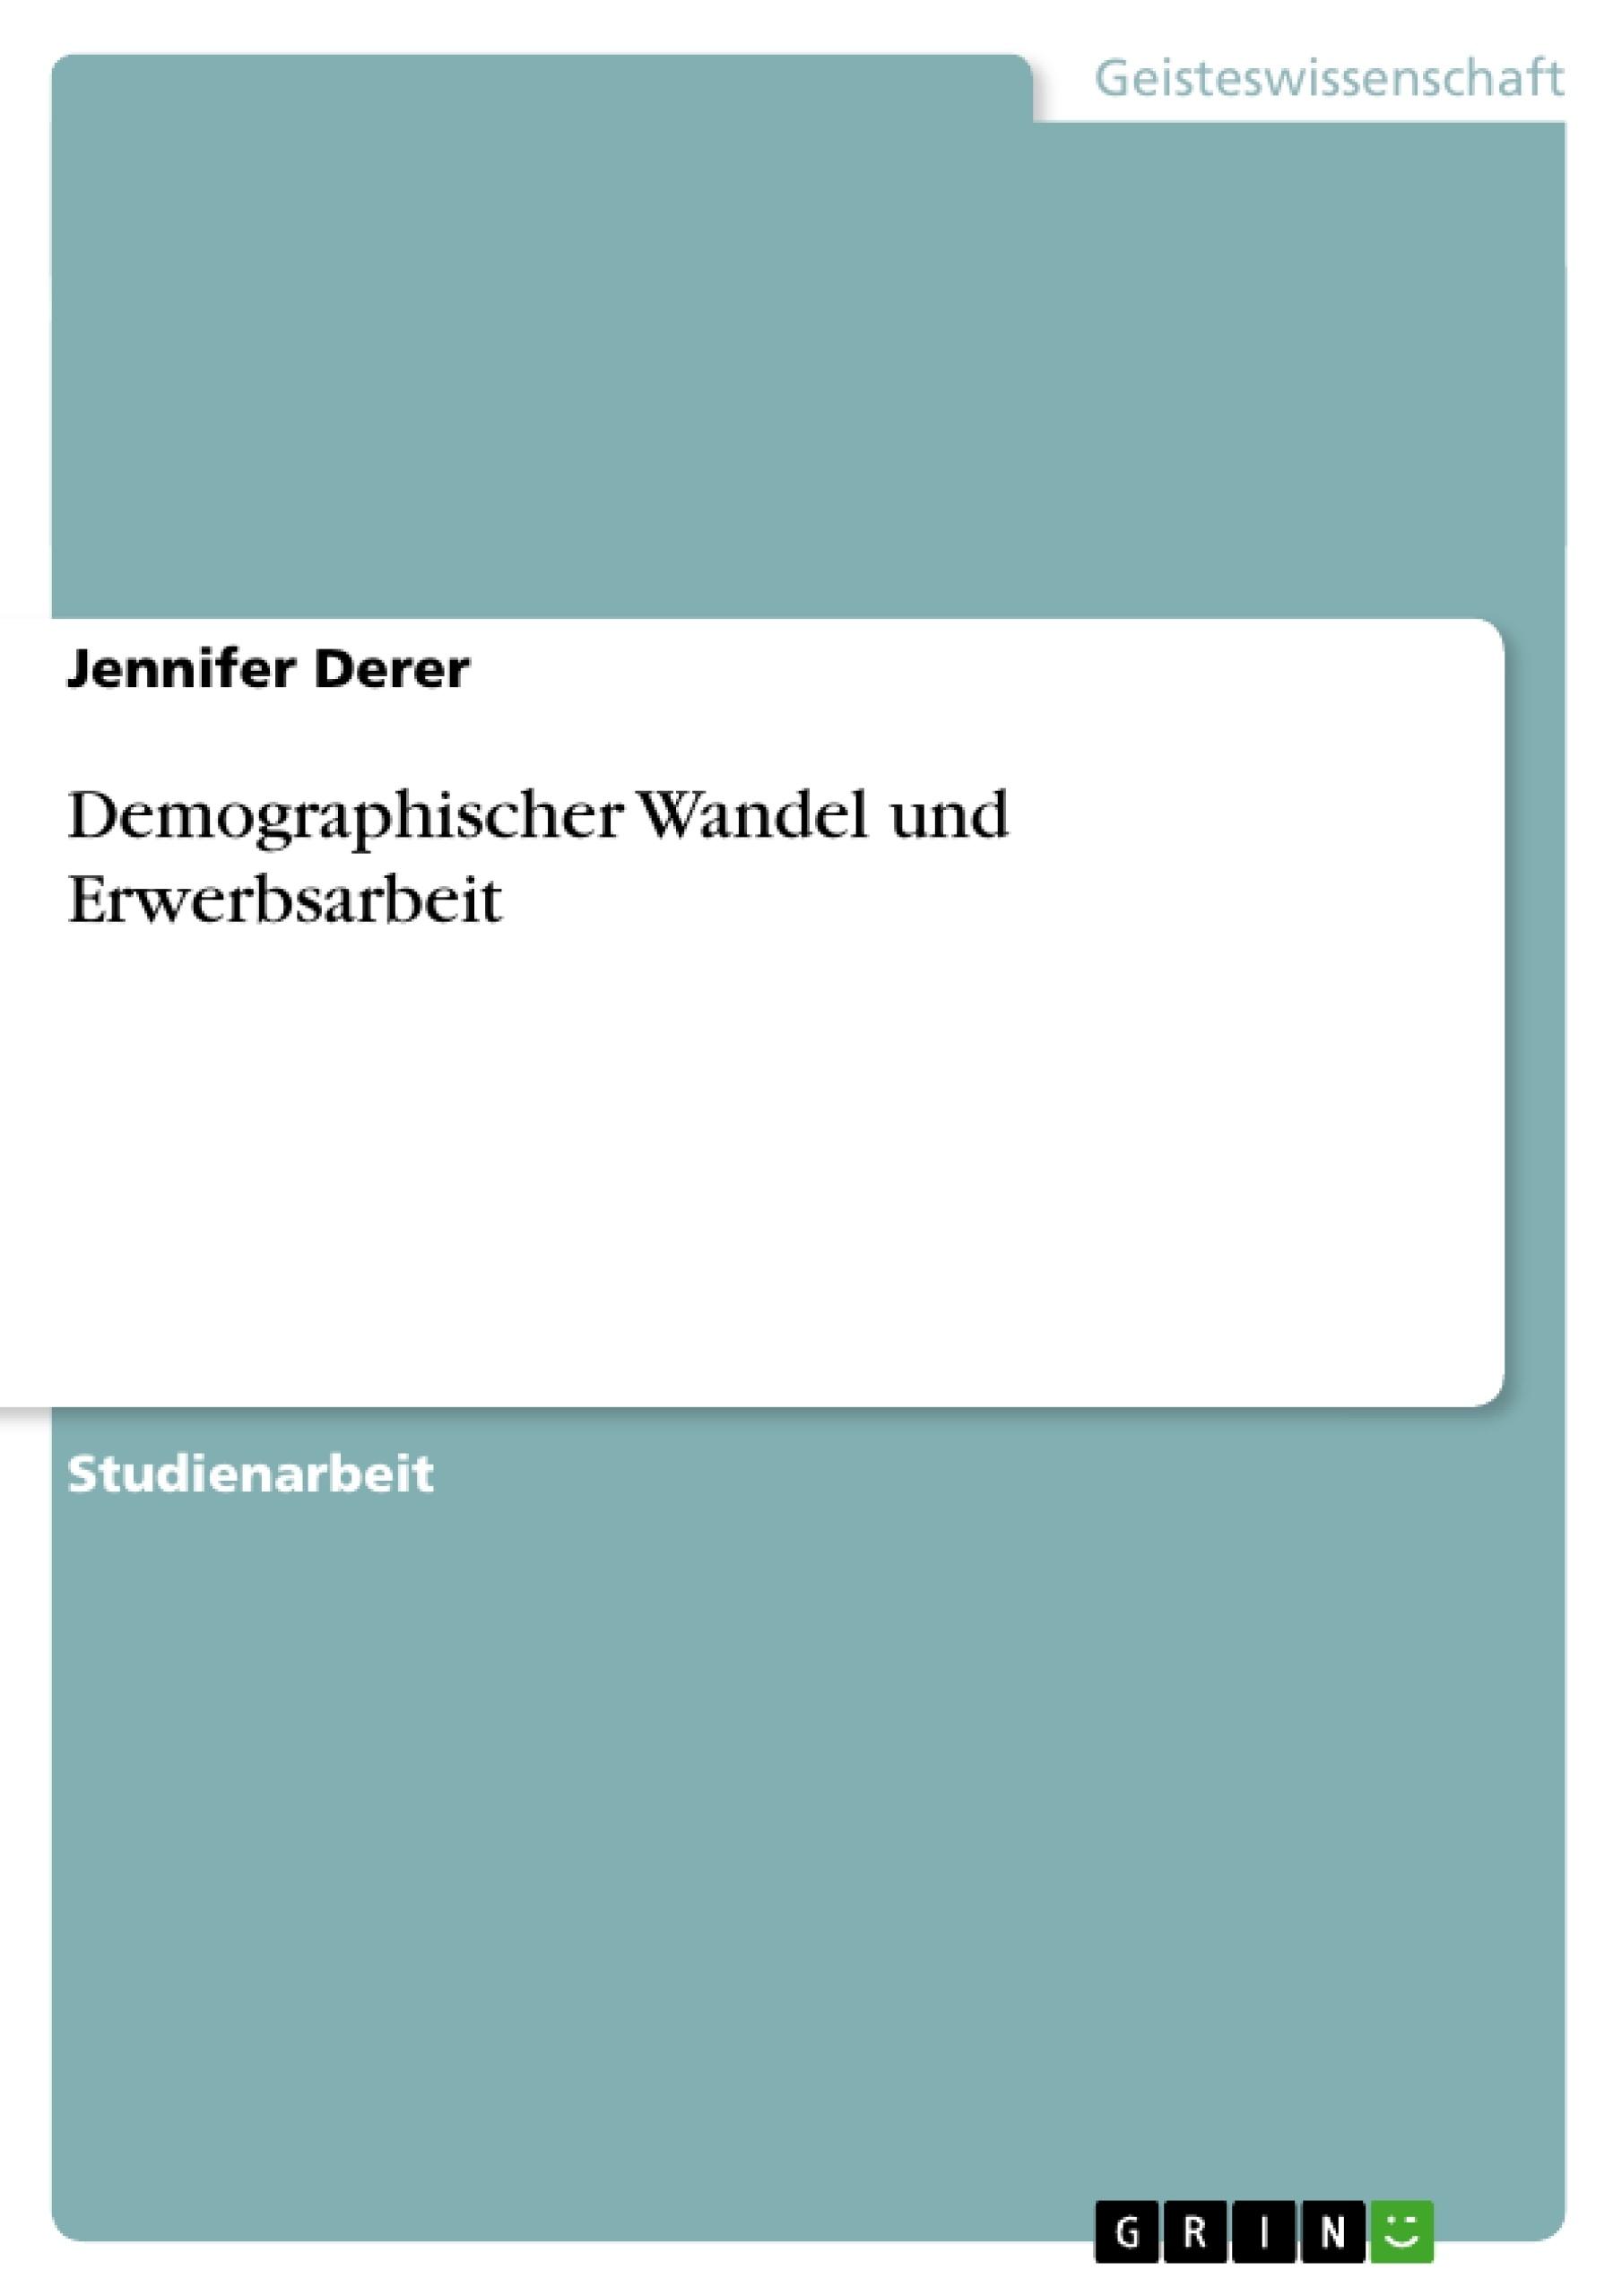 Titel: Demographischer Wandel und Erwerbsarbeit